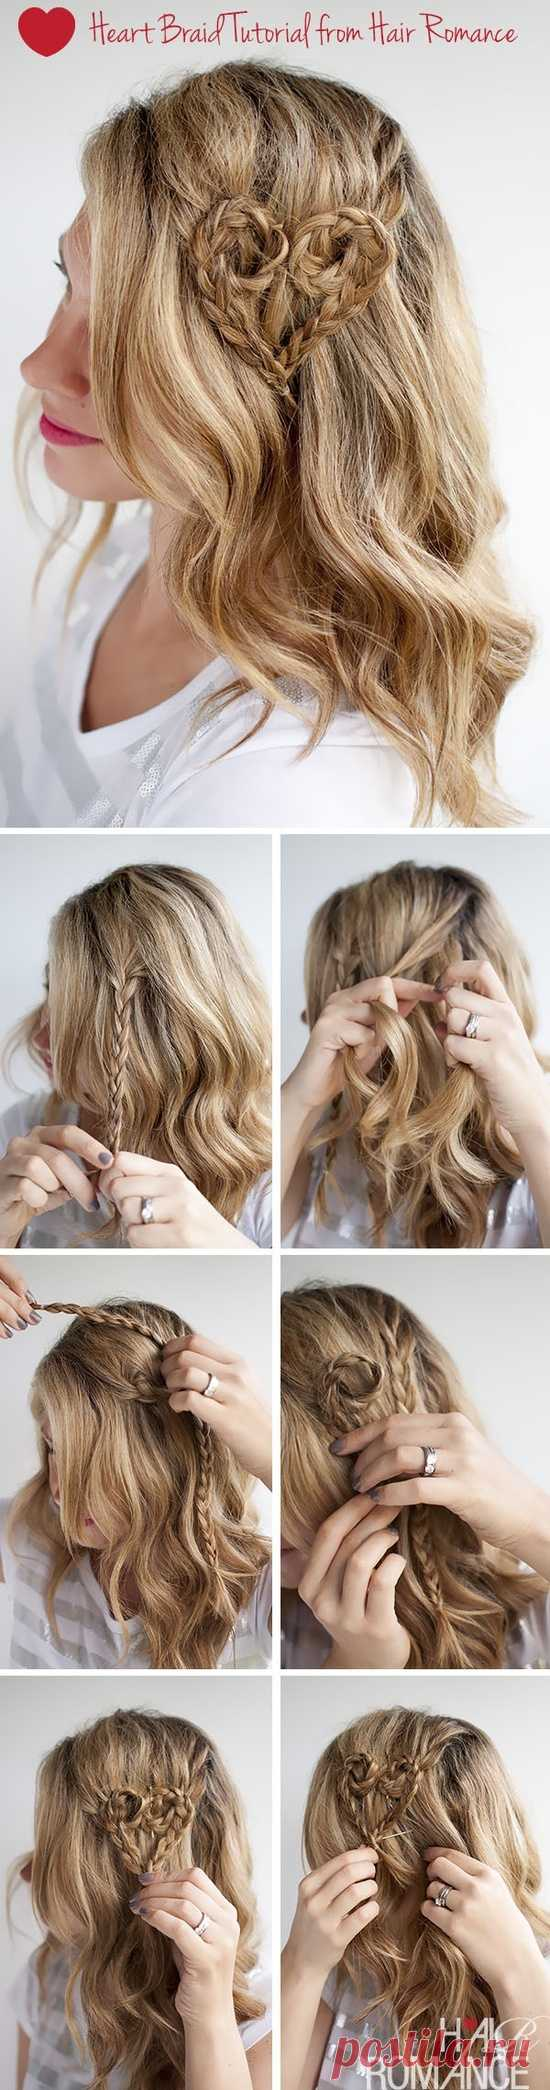 El corazón en los cabellos: el tejido de las trenzas